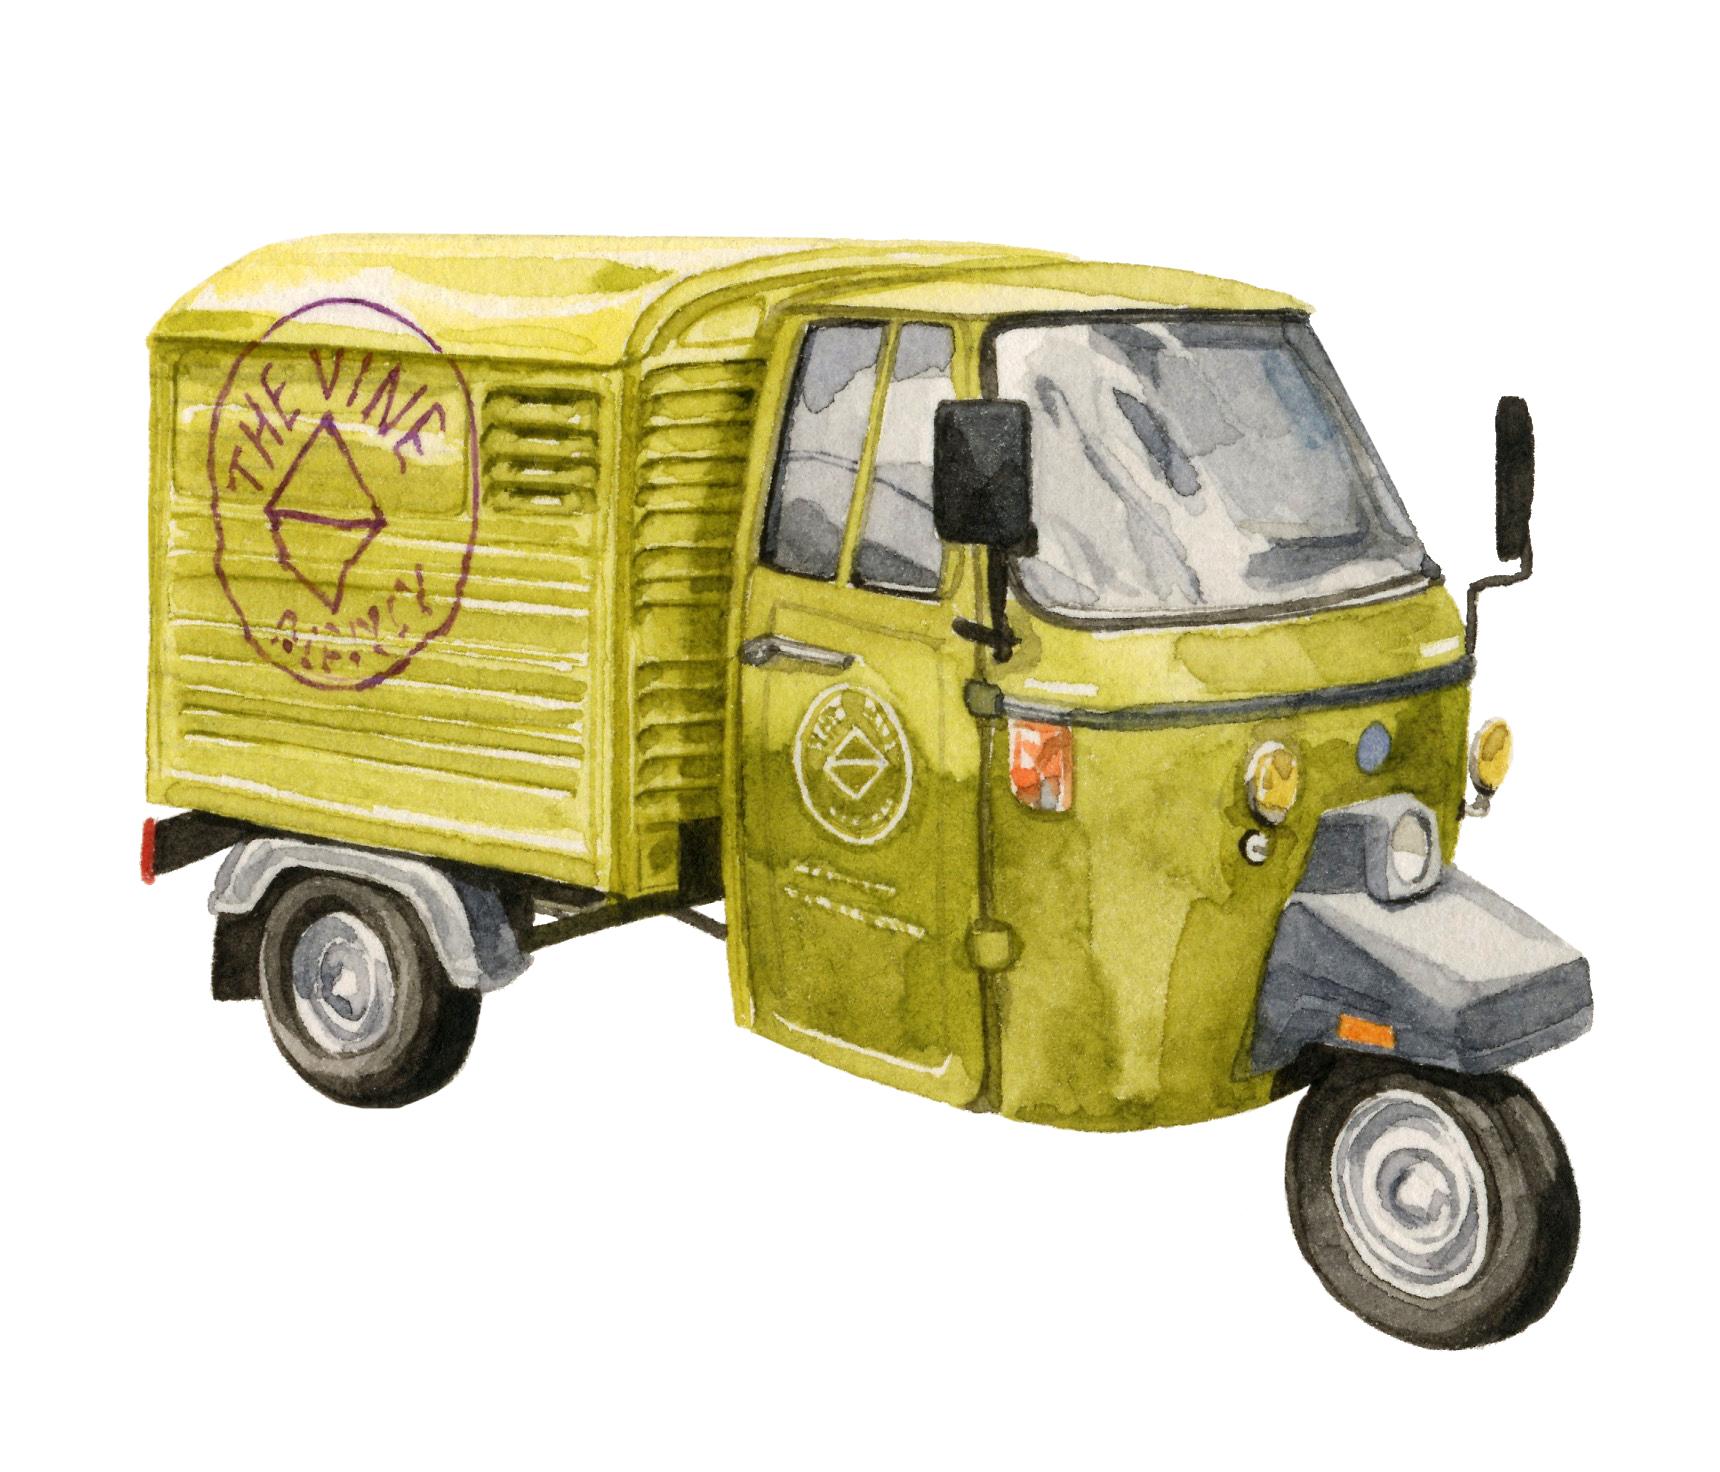 vine-truck-front-lrg.jpg